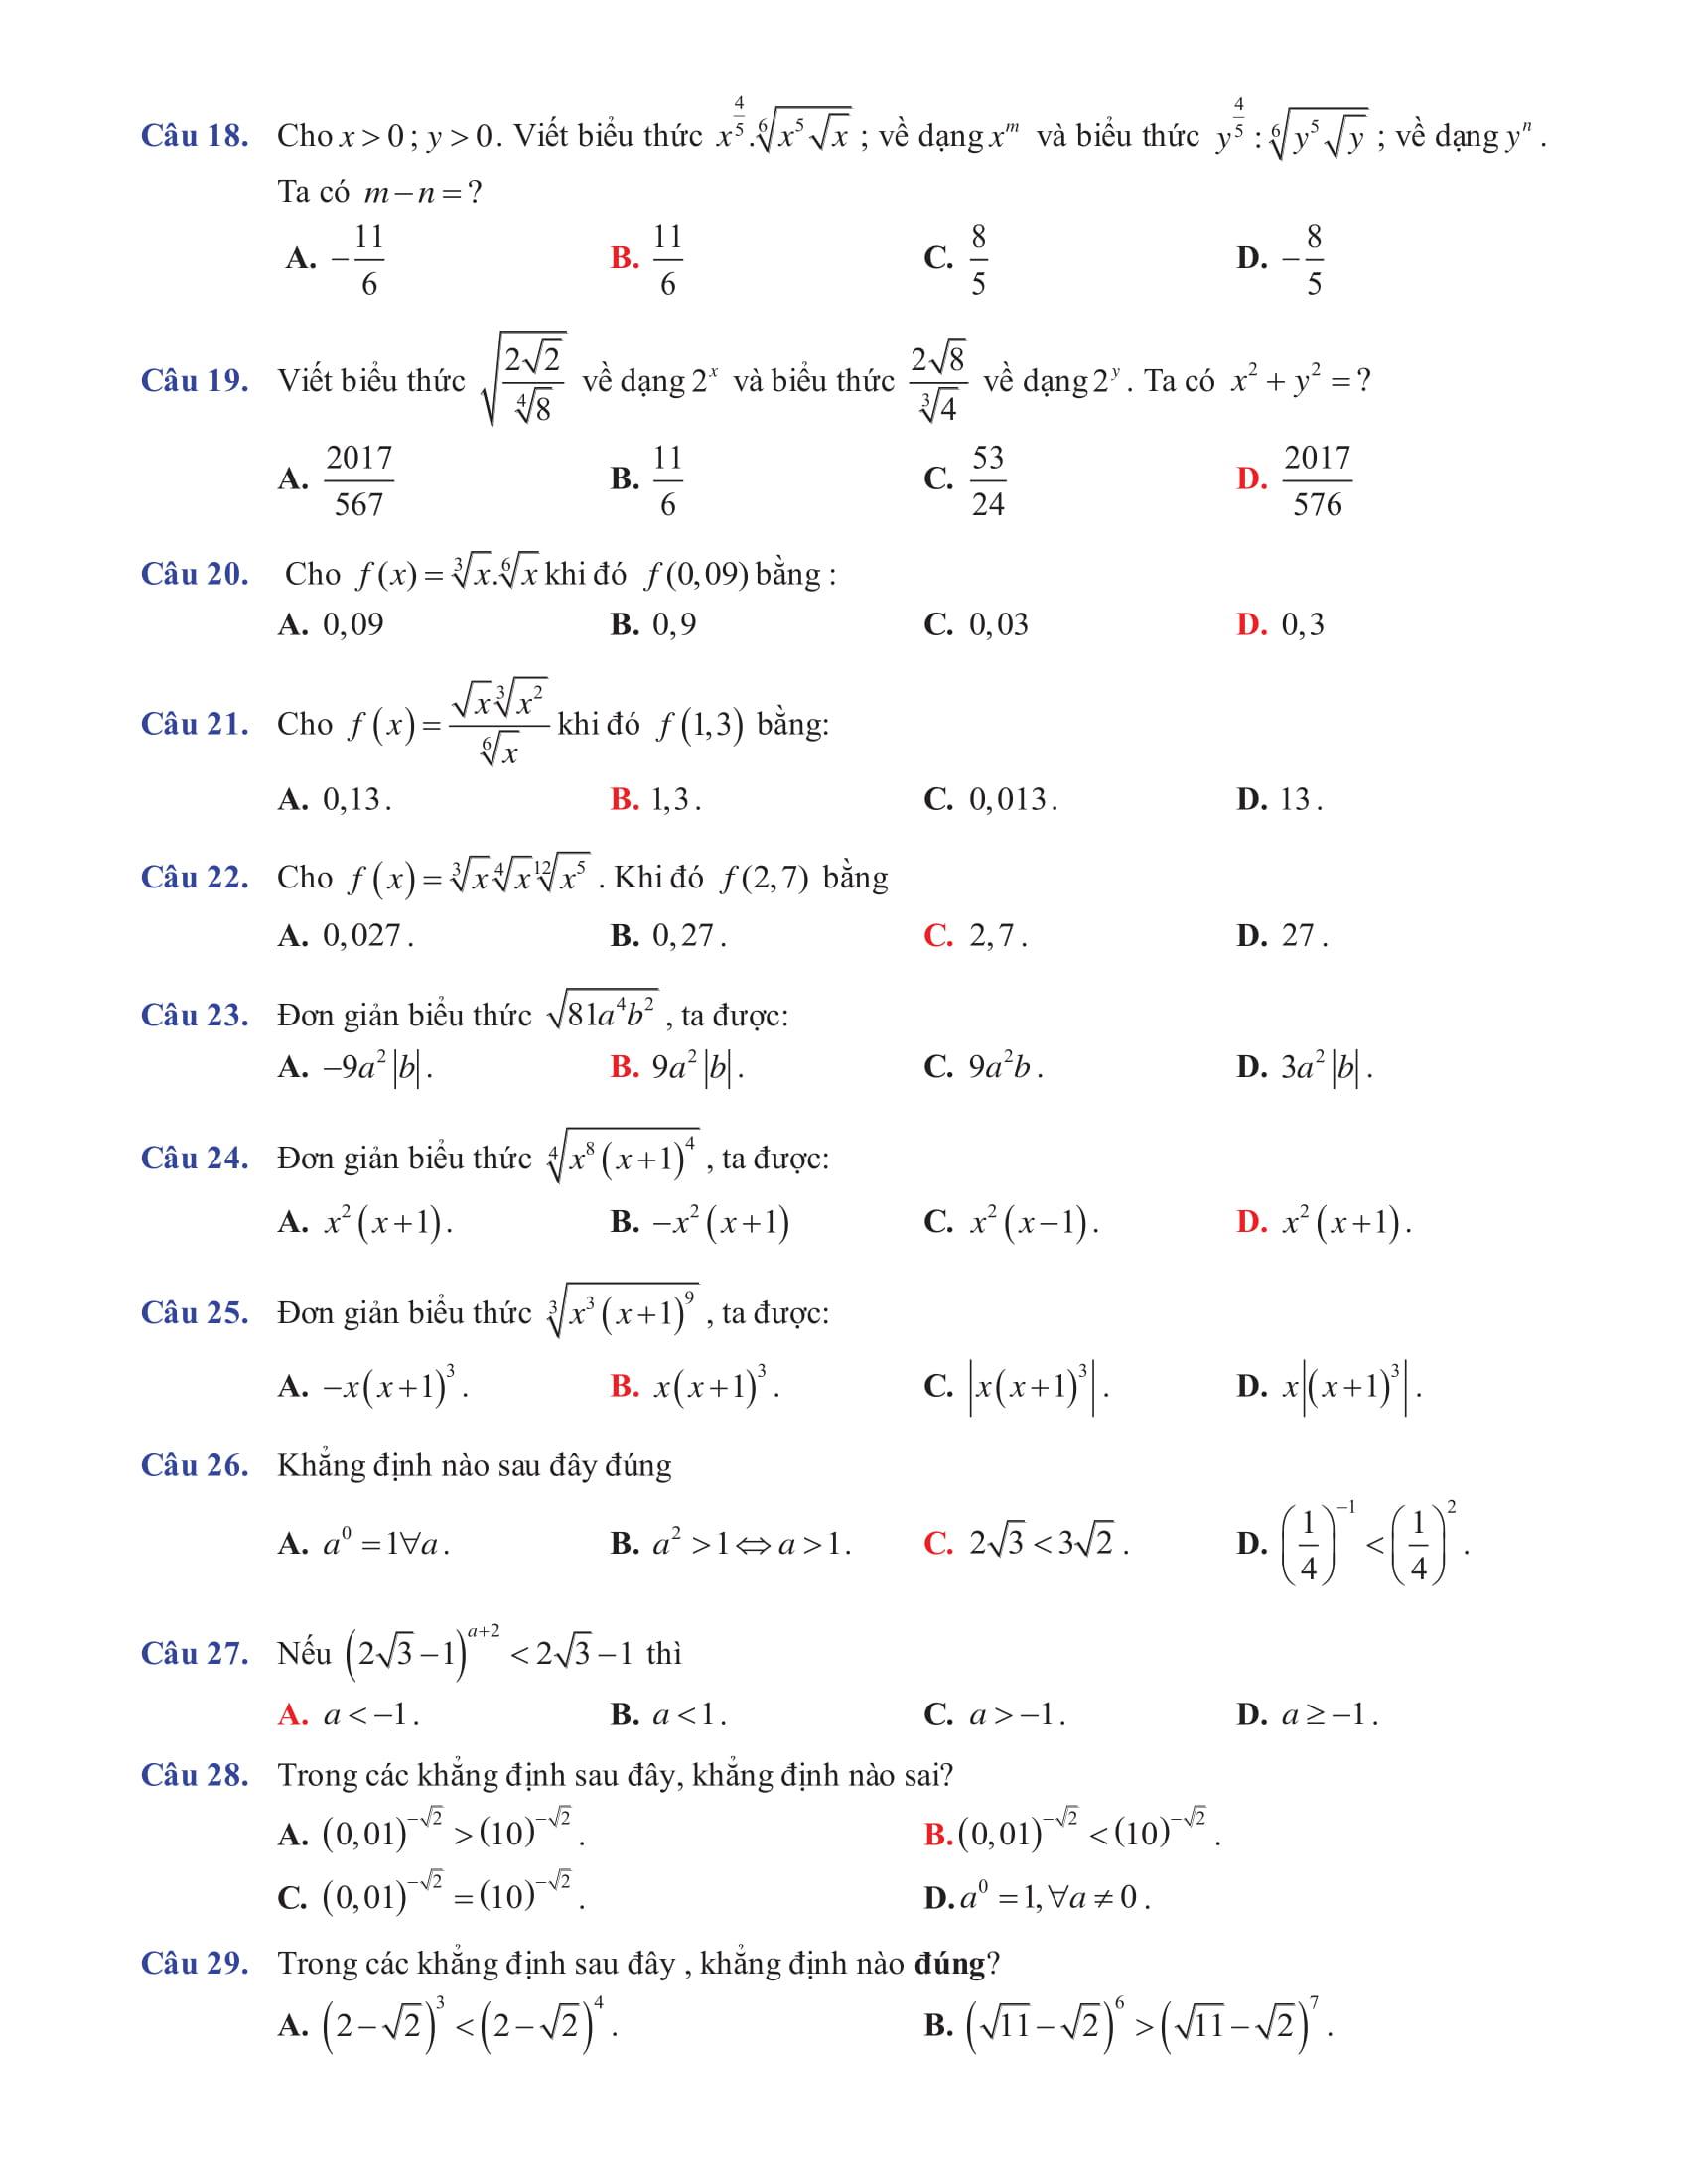 Trắc nghiệm về Chuyên đề Mũ và logarit có hướng dẫn giải